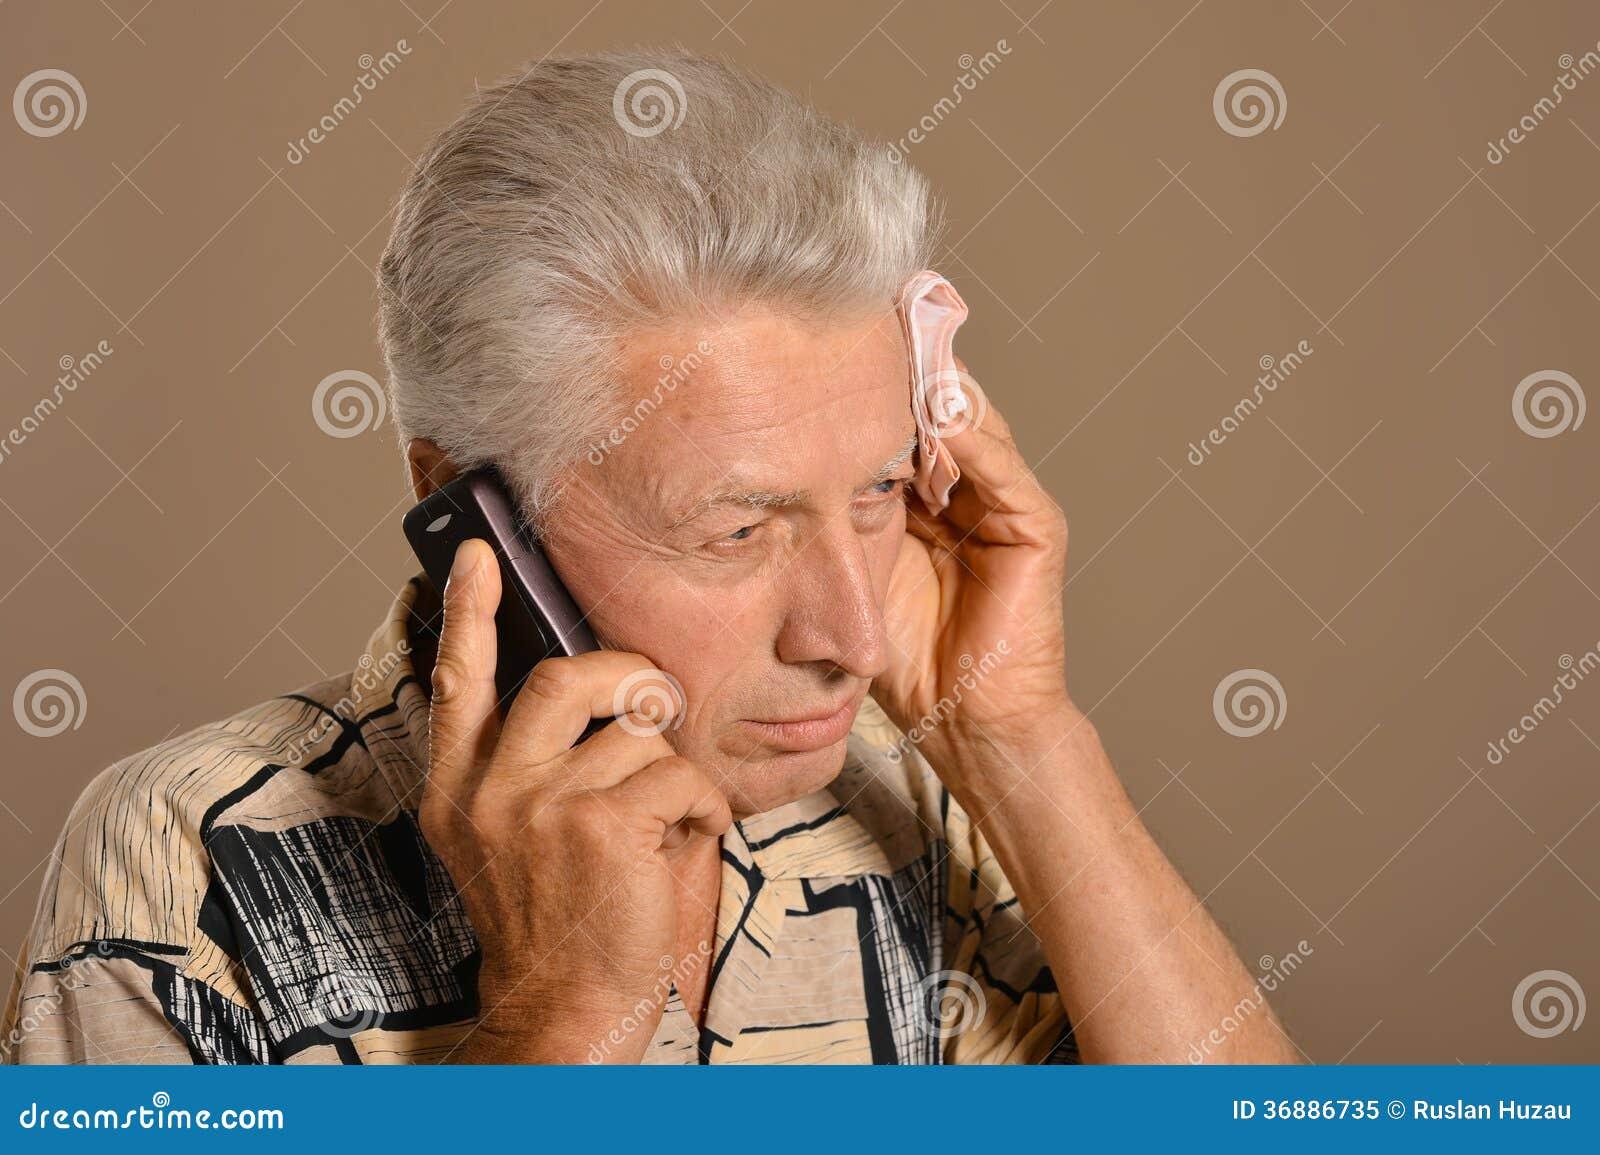 Download Uomo anziano triste immagine stock. Immagine di sano - 36886735